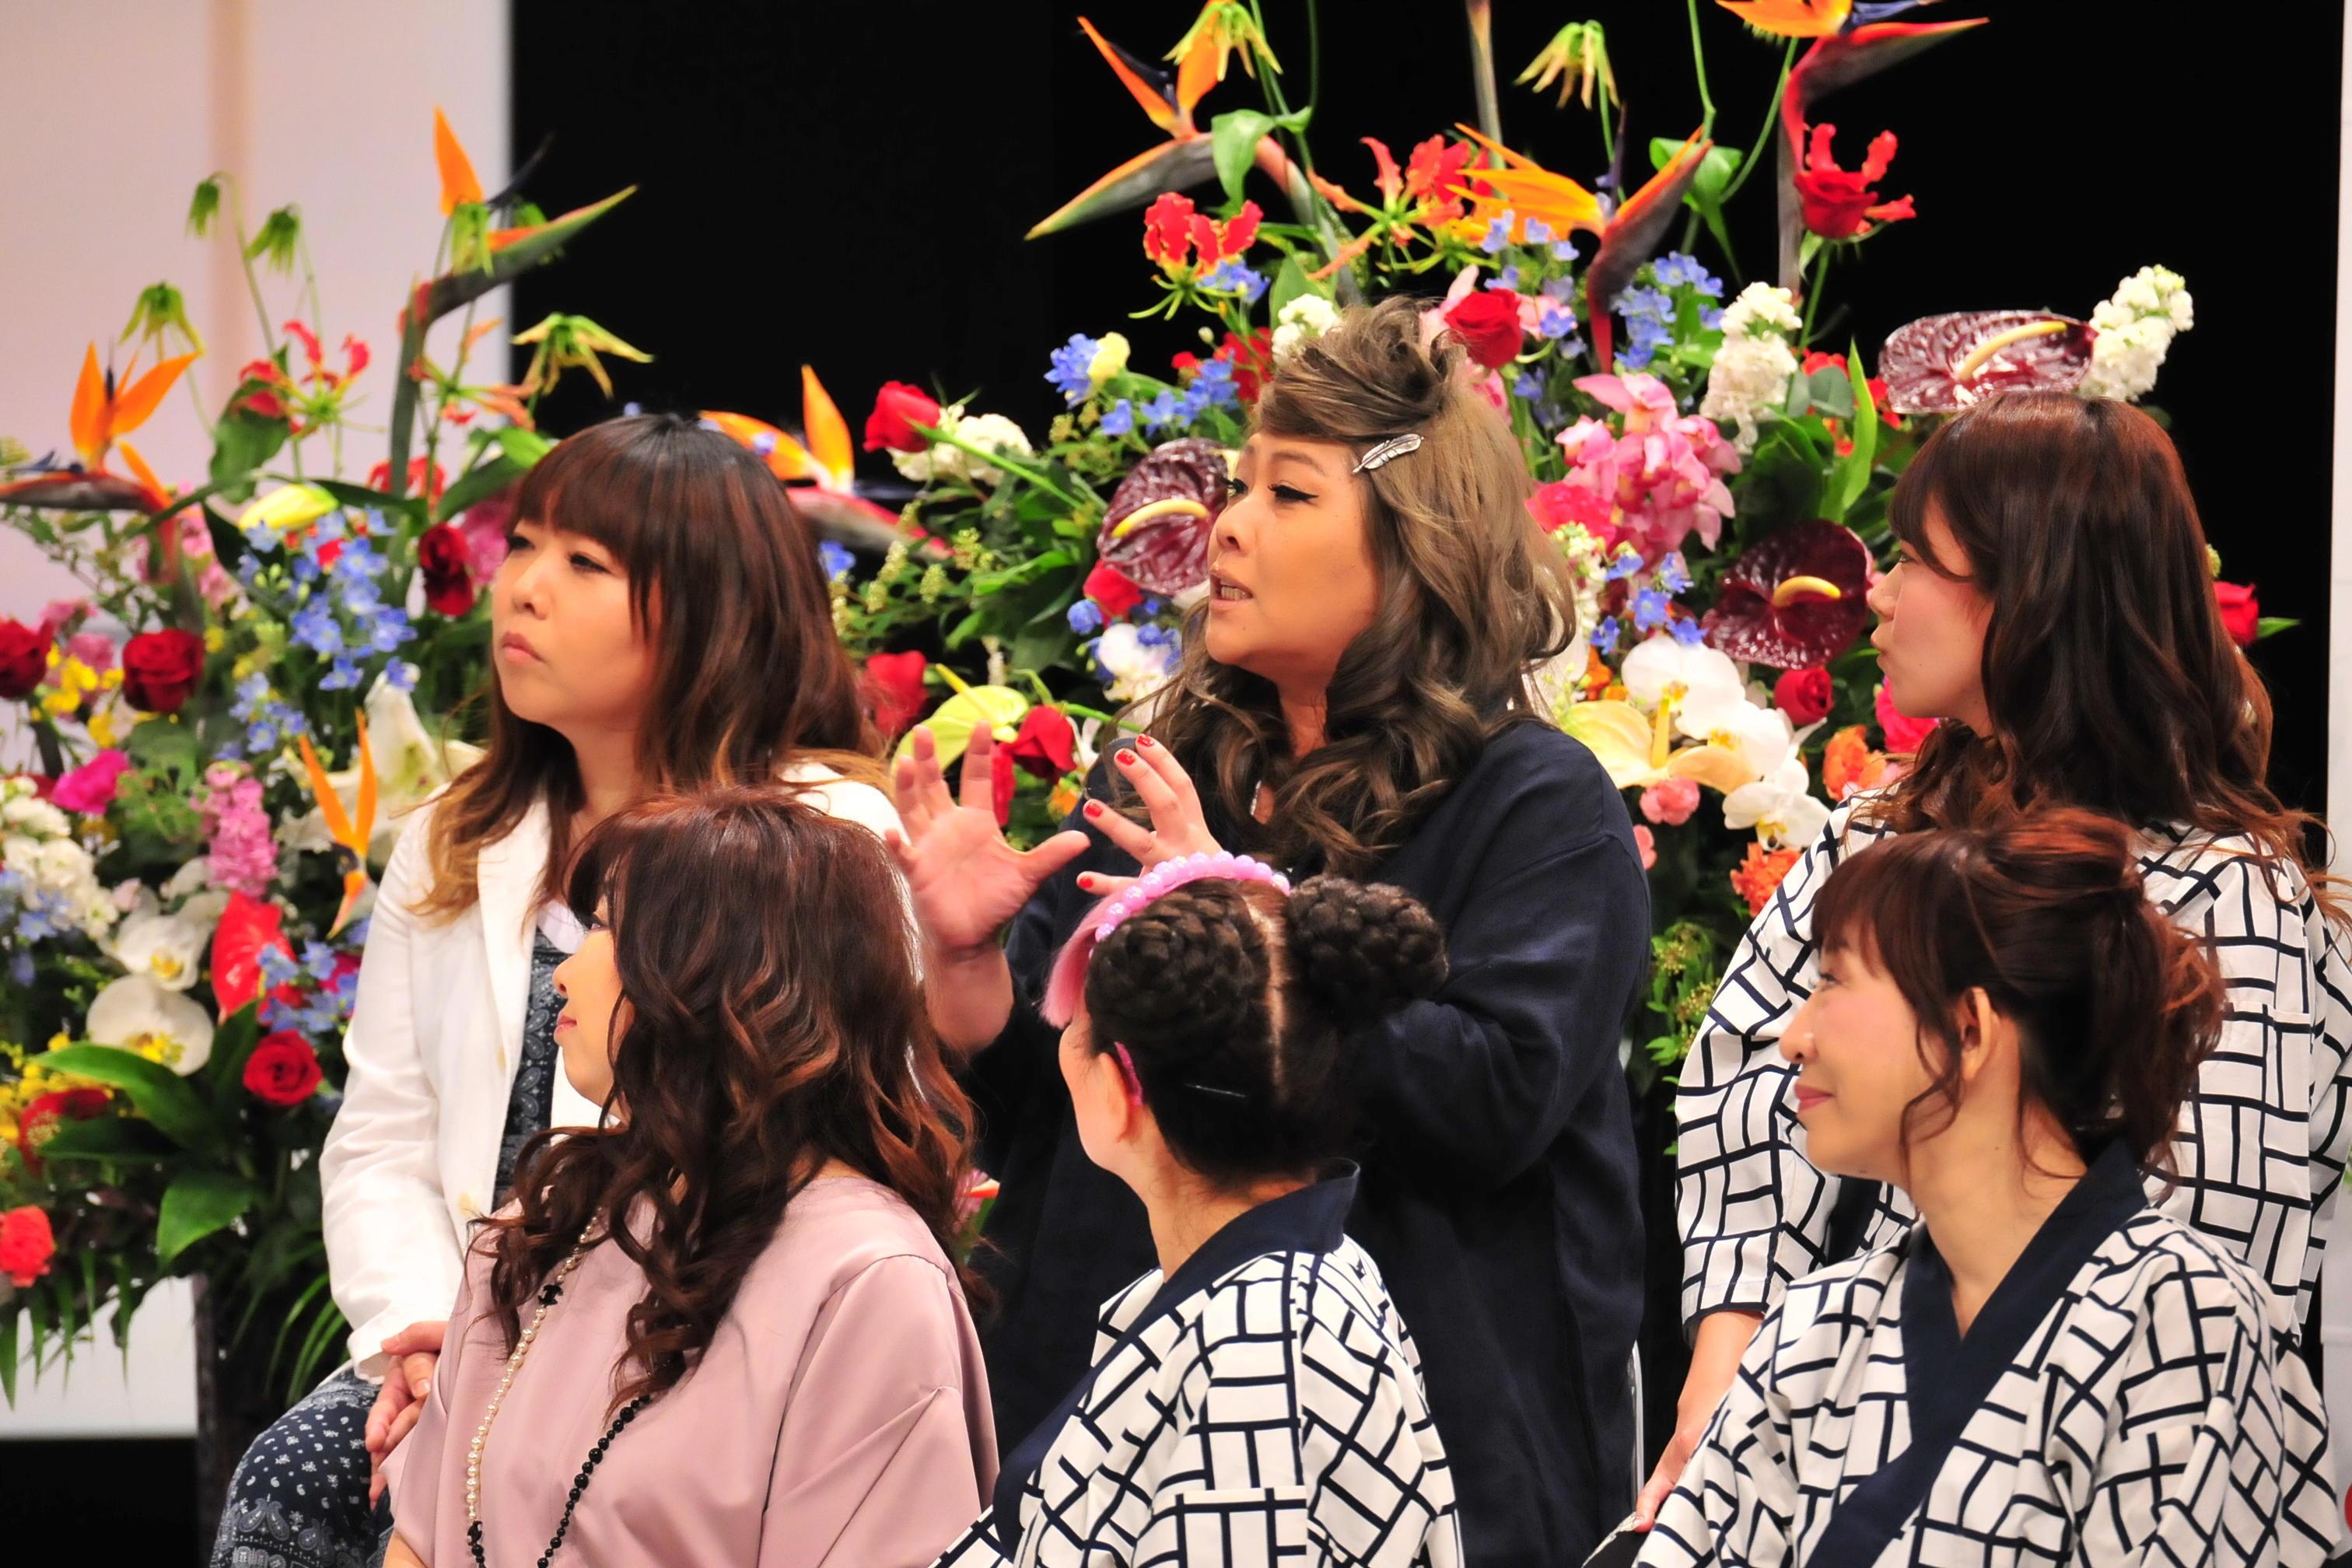 http://news.yoshimoto.co.jp/20170425160944-f2953a9f6a1e68c391afa89f537b3a1b7e1a9df1.jpg